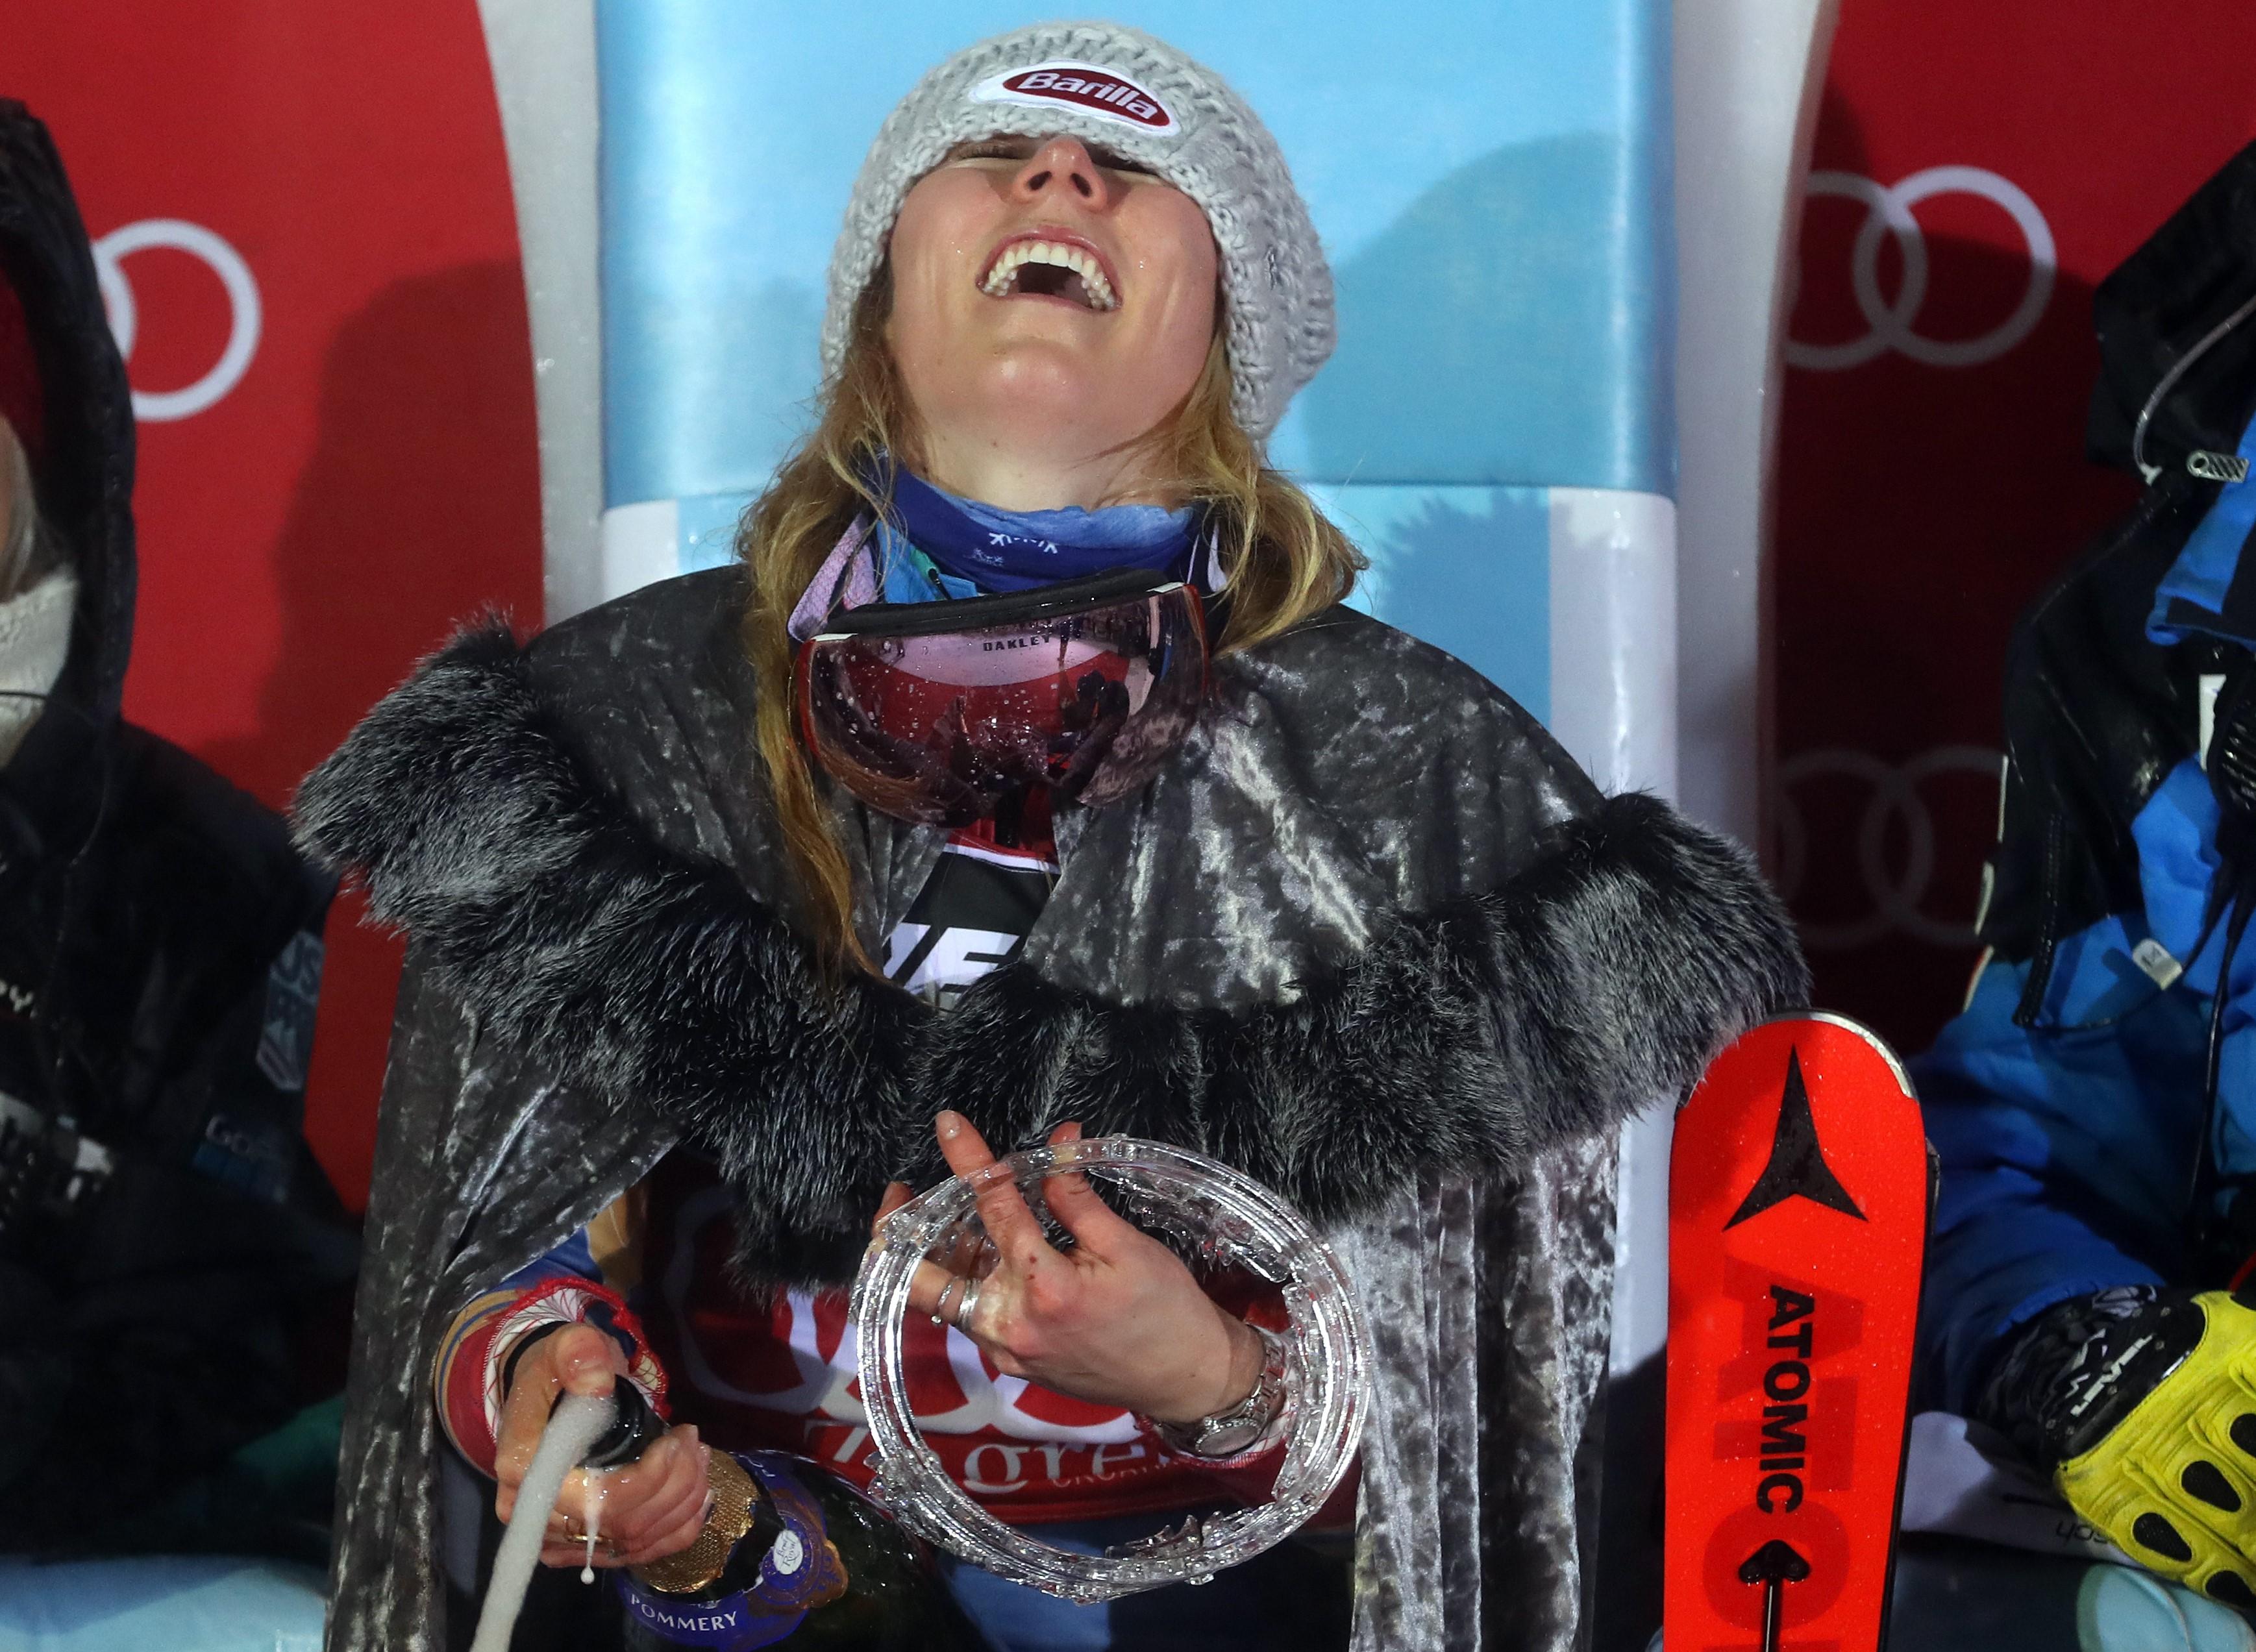 Shiffrin ostvarila sedmu slalomsku pobjedu u sezoni